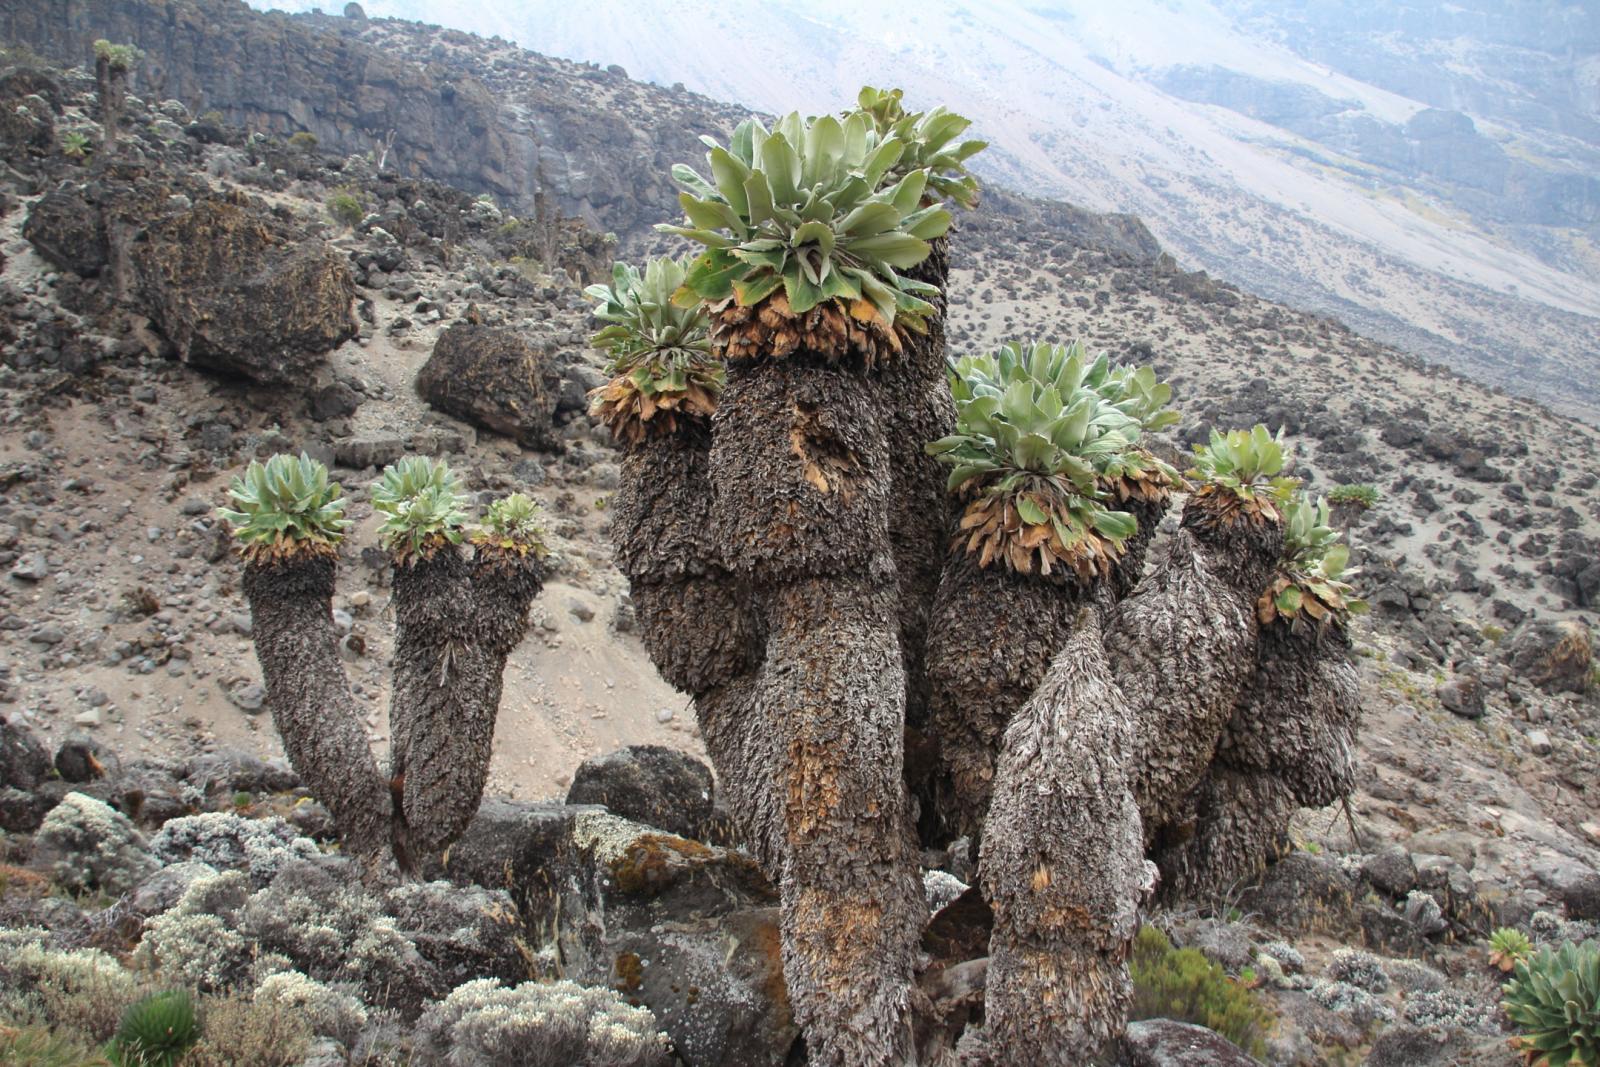 spettacoli naturali nella Barranco Valley (23-8-2014)